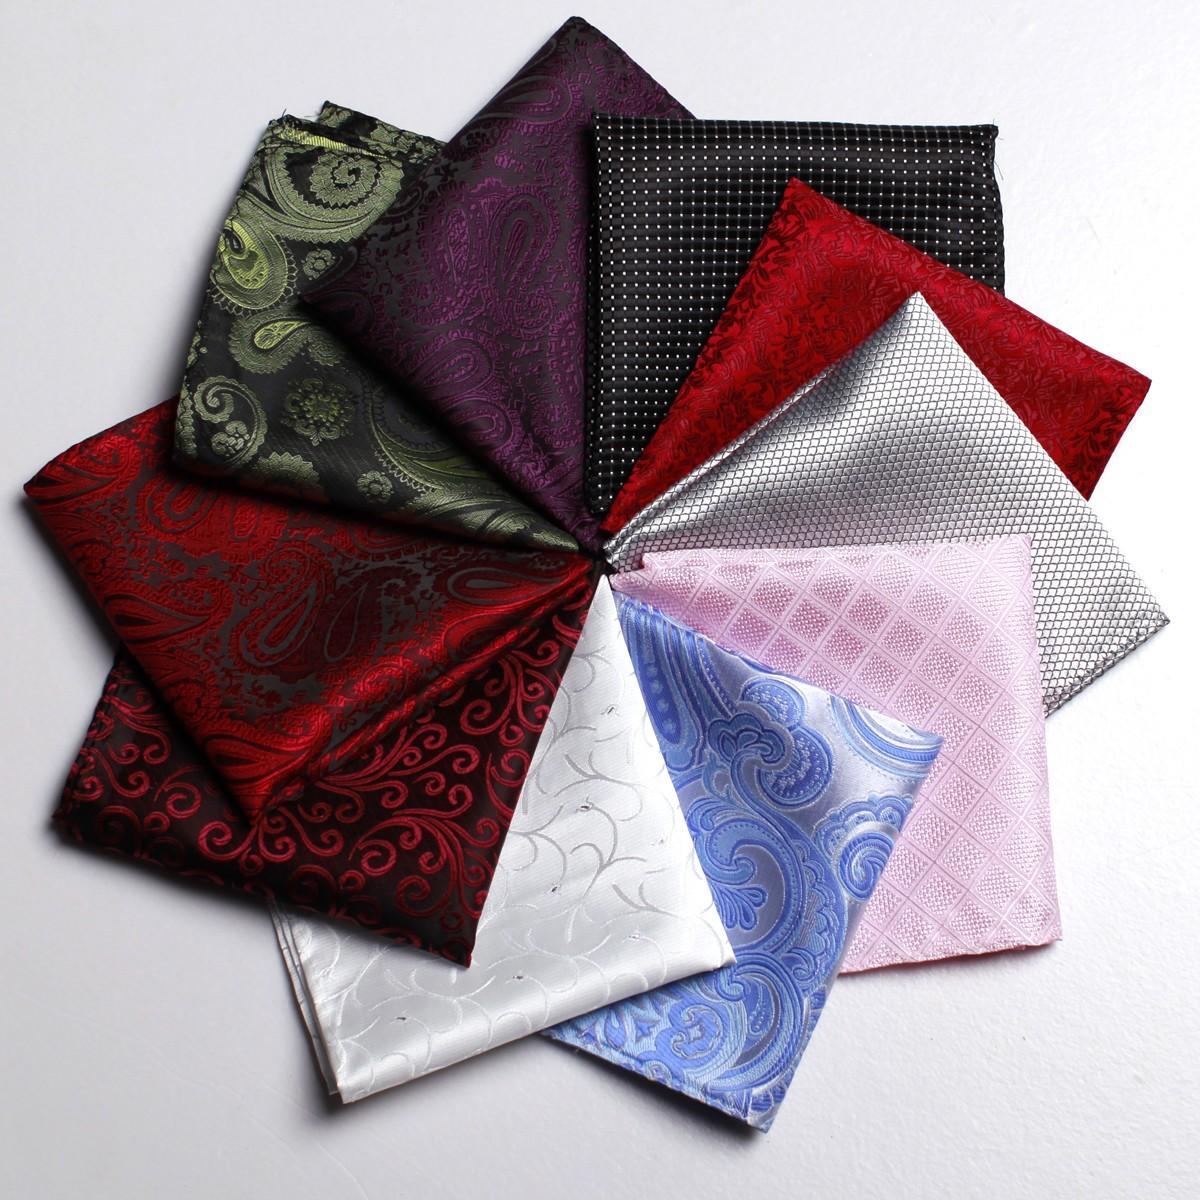 Herren-Taschen-Hochzeits-Geschäfts-Mann-Kleid-Hemd-Taschen-Tuch-Polyester-Silk Einstecktuch